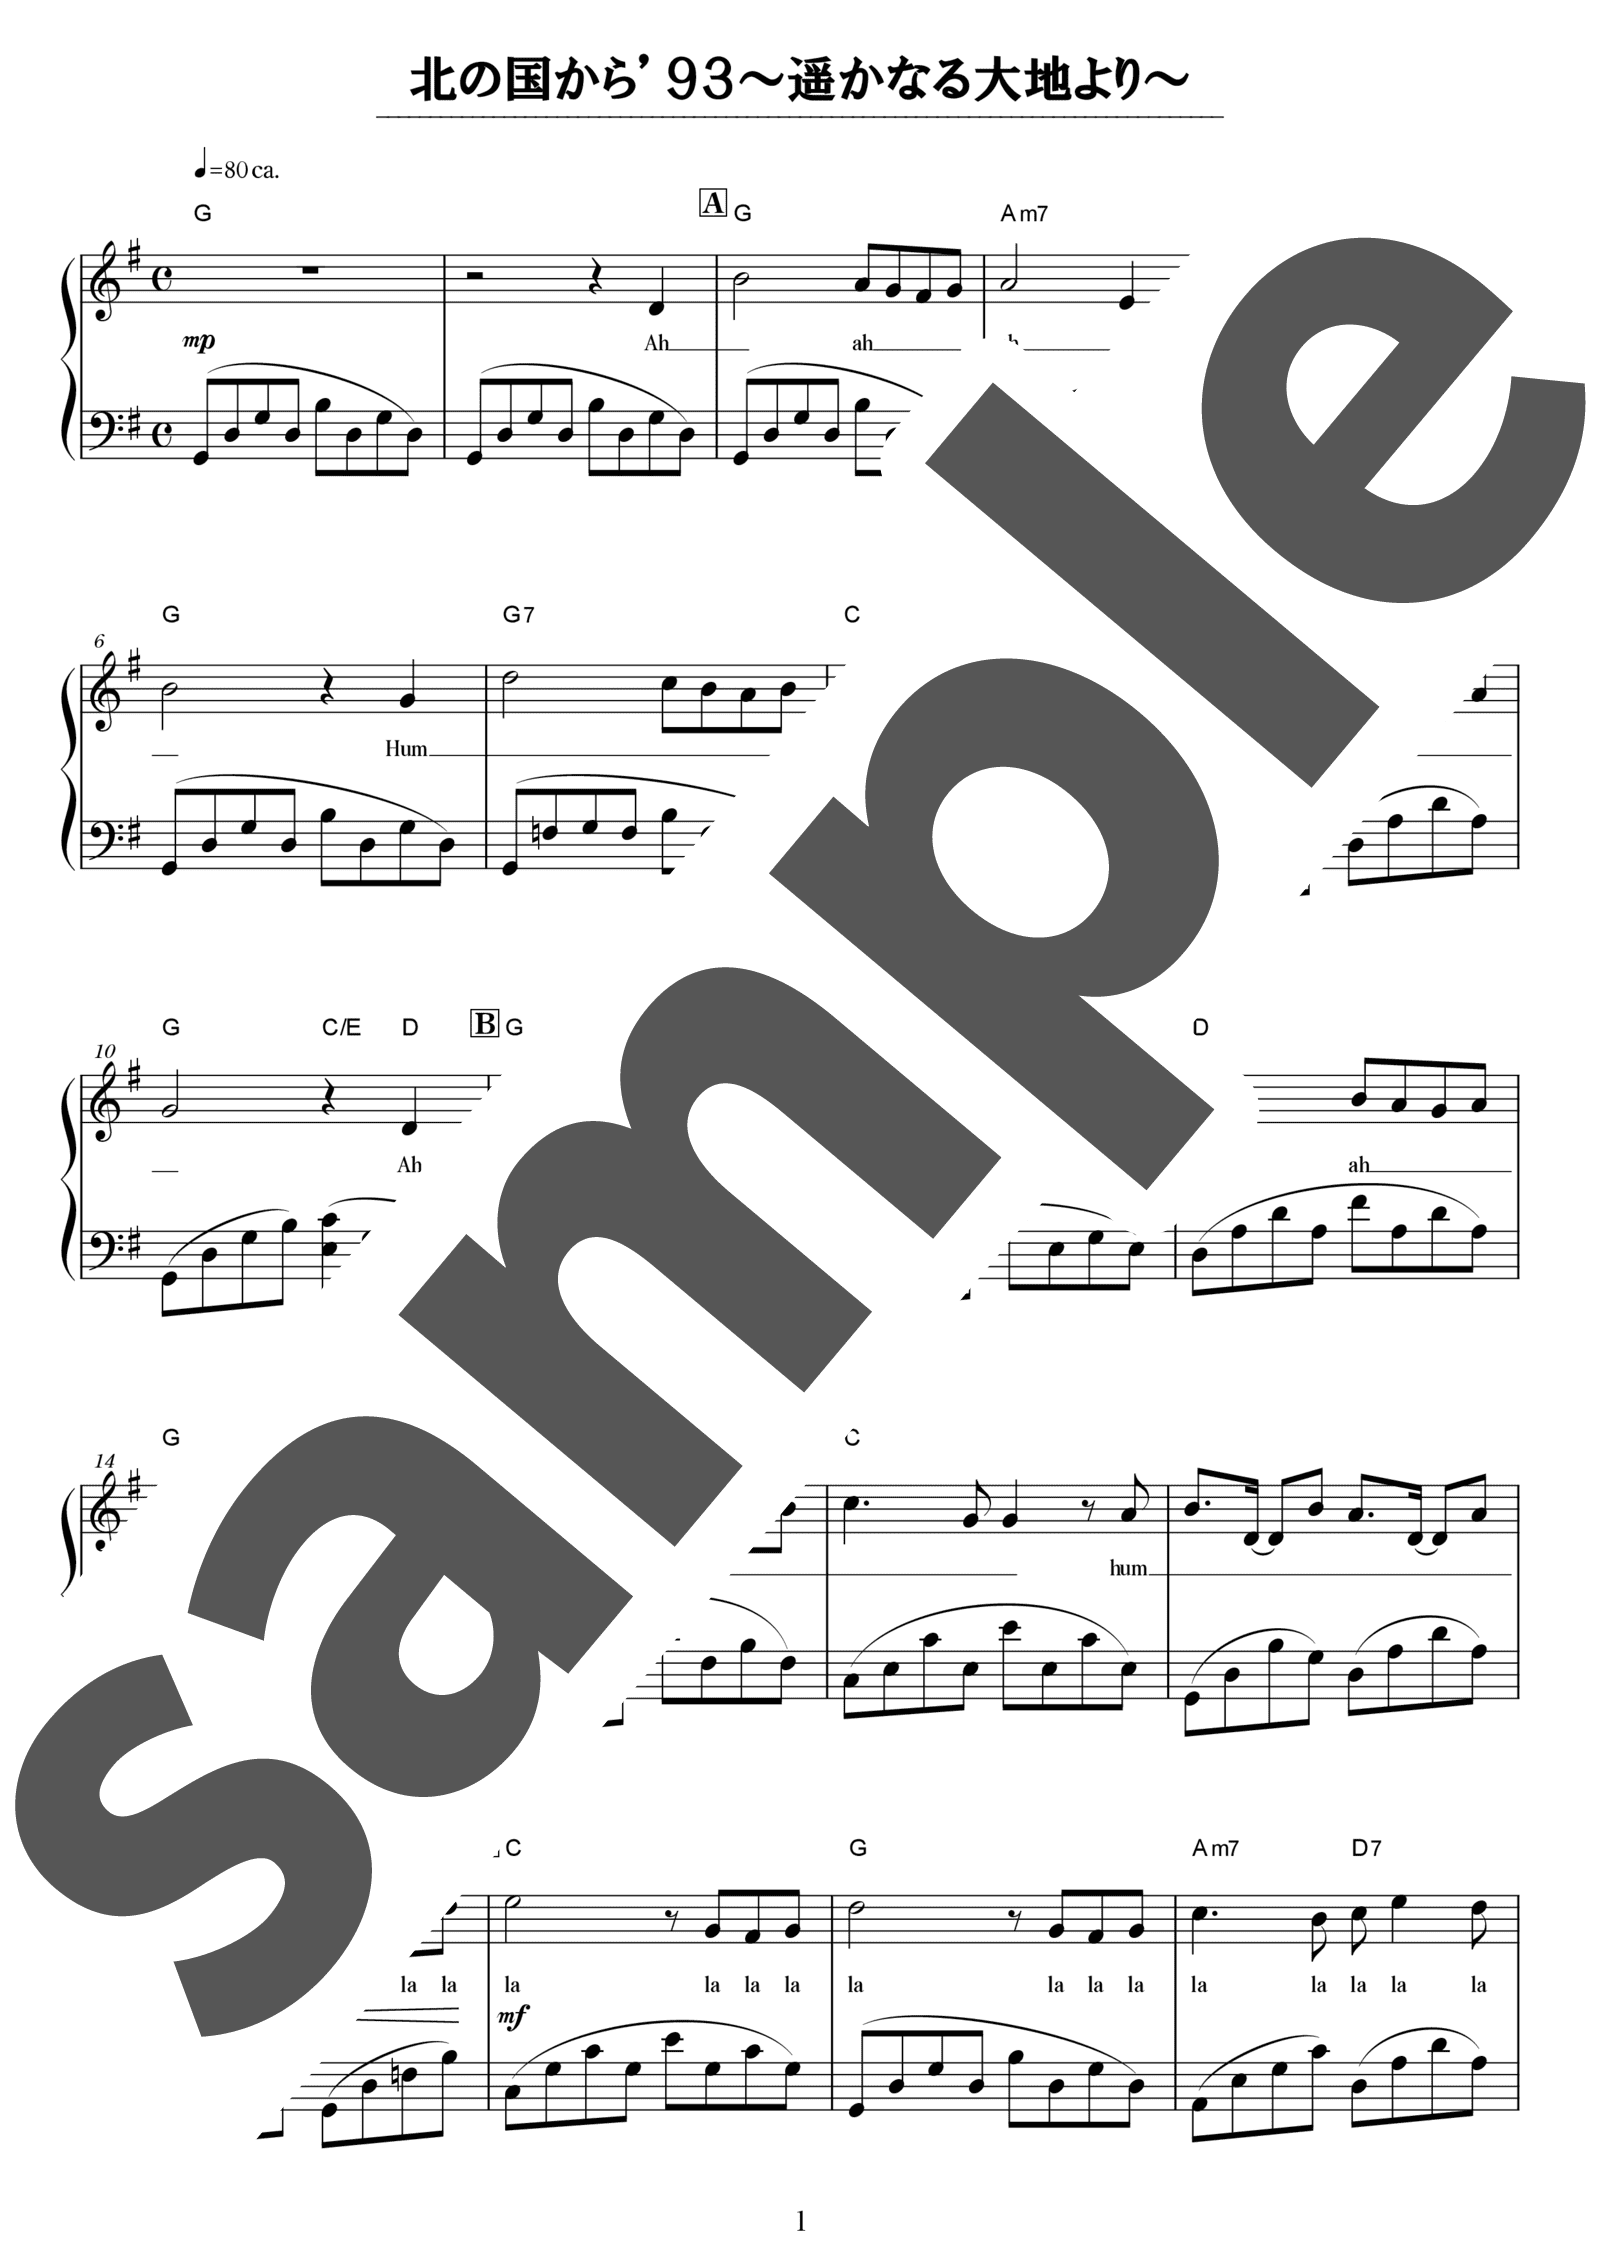 「北の国から」のサンプル楽譜